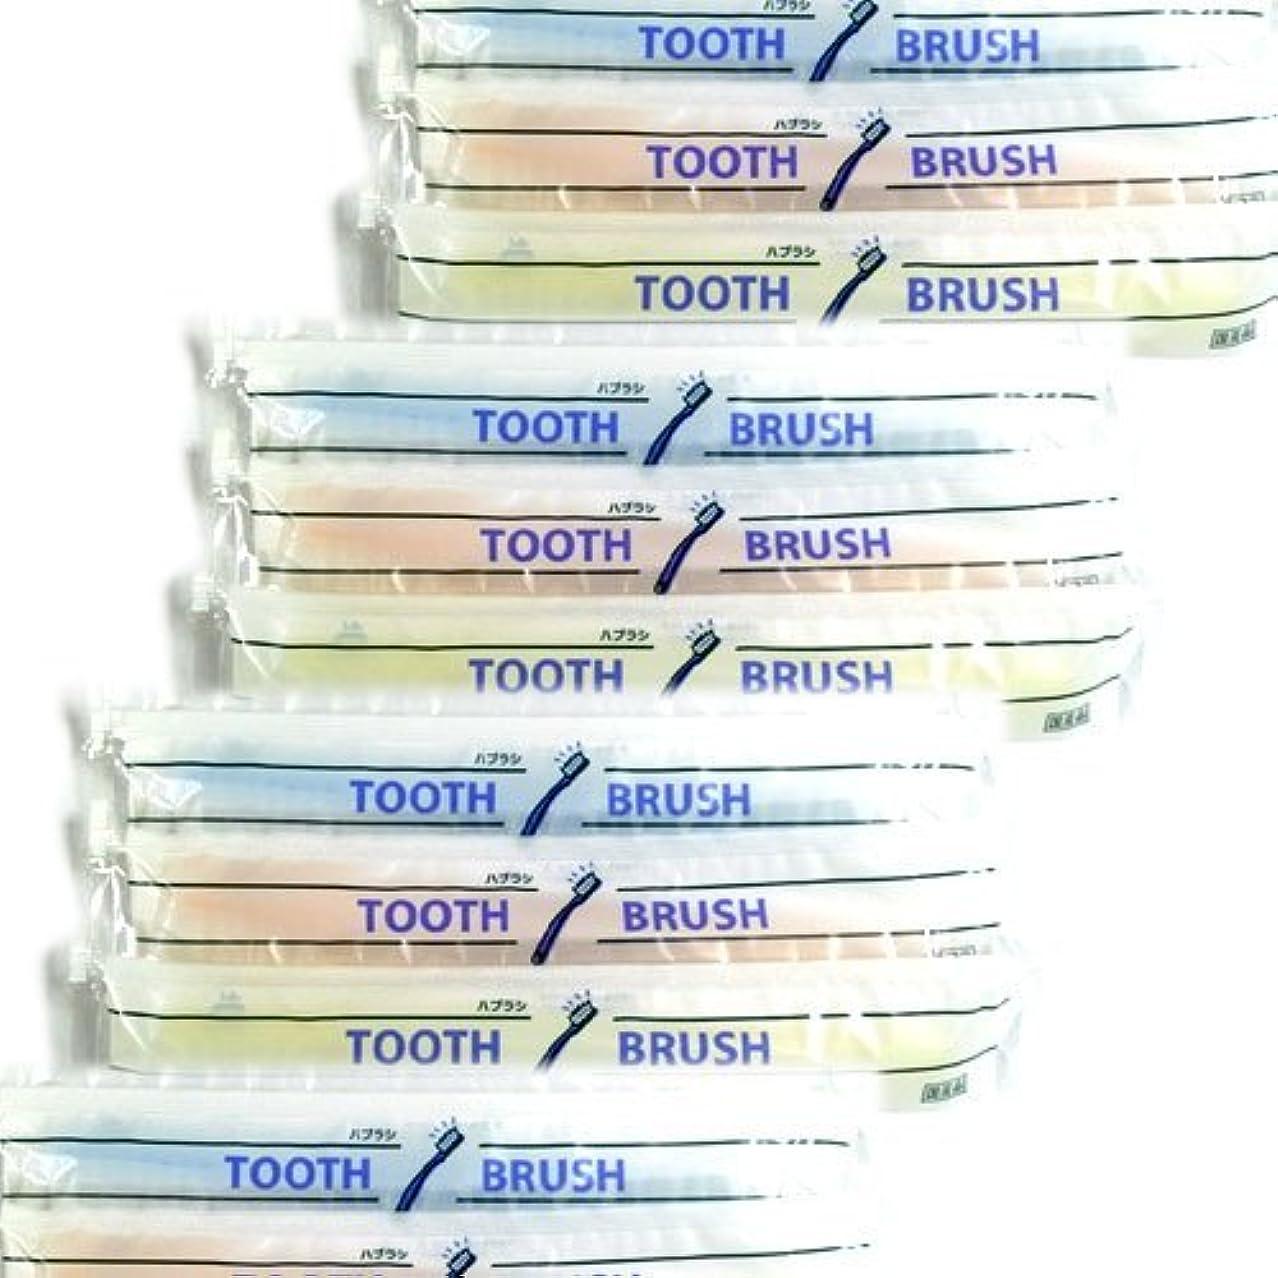 複製くぼみシロナガスクジラホテルアメニティ 業務用 使い捨て(インスタント) 粉付き歯ブラシ × 30個セット